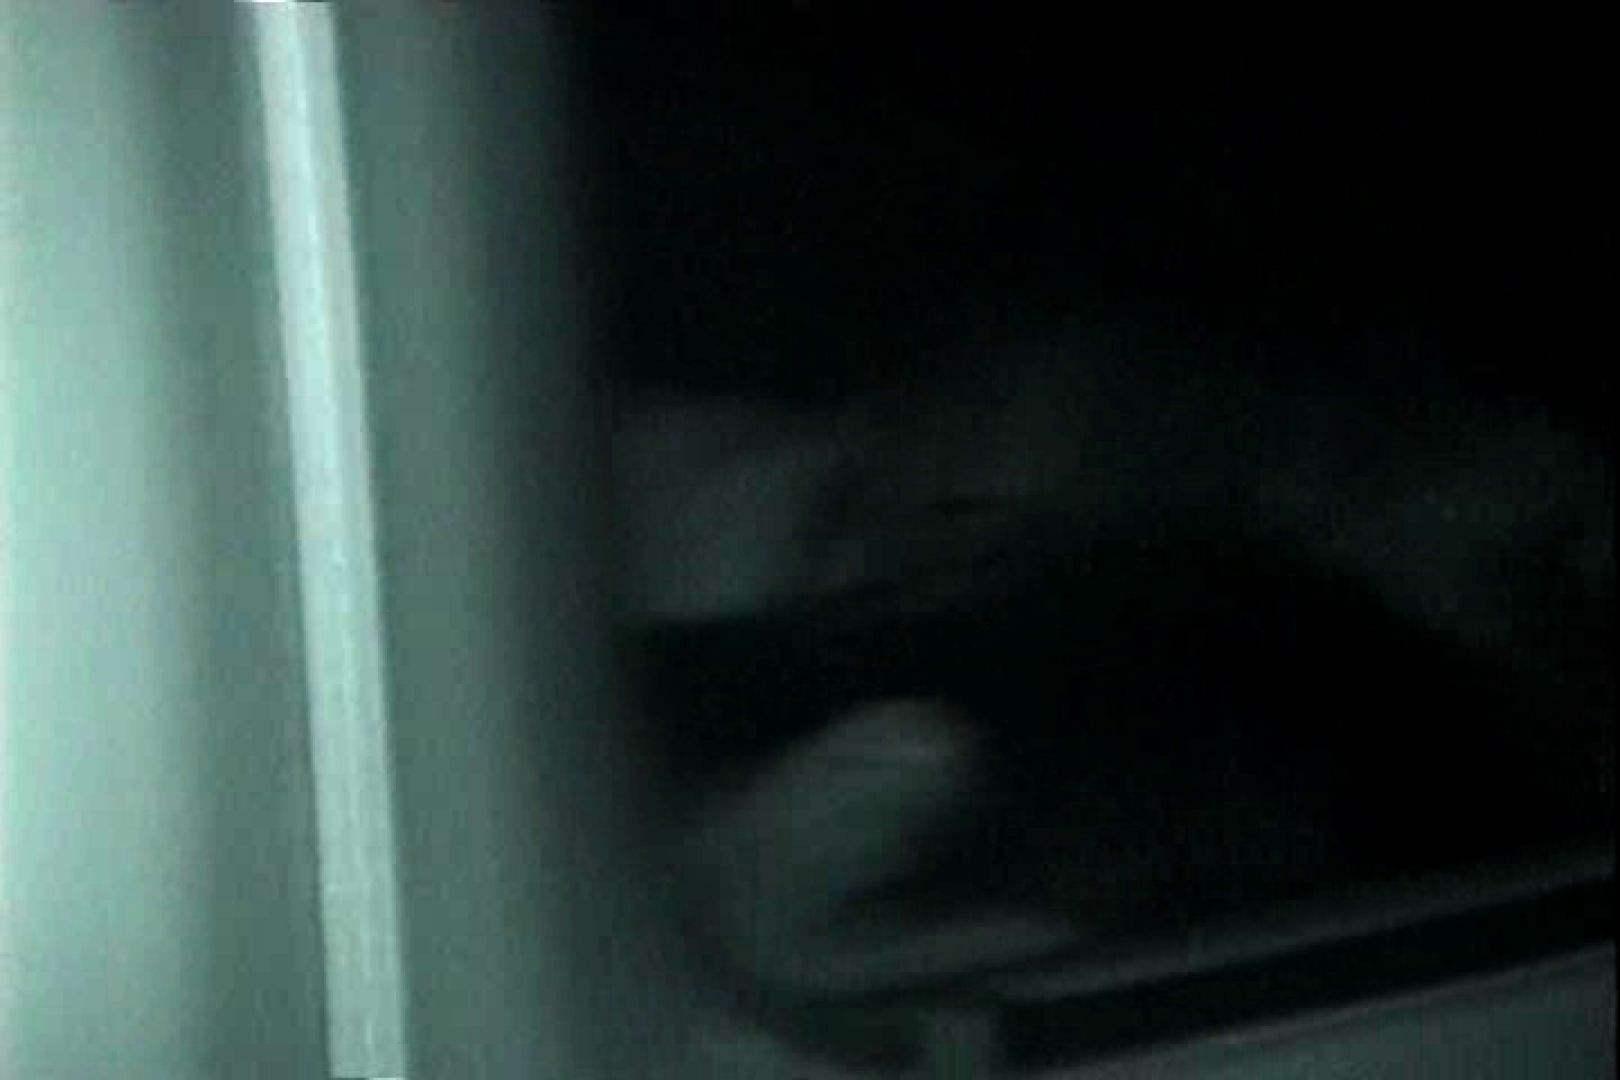 充血監督の深夜の運動会Vol.144 カップル   性欲  100画像 37